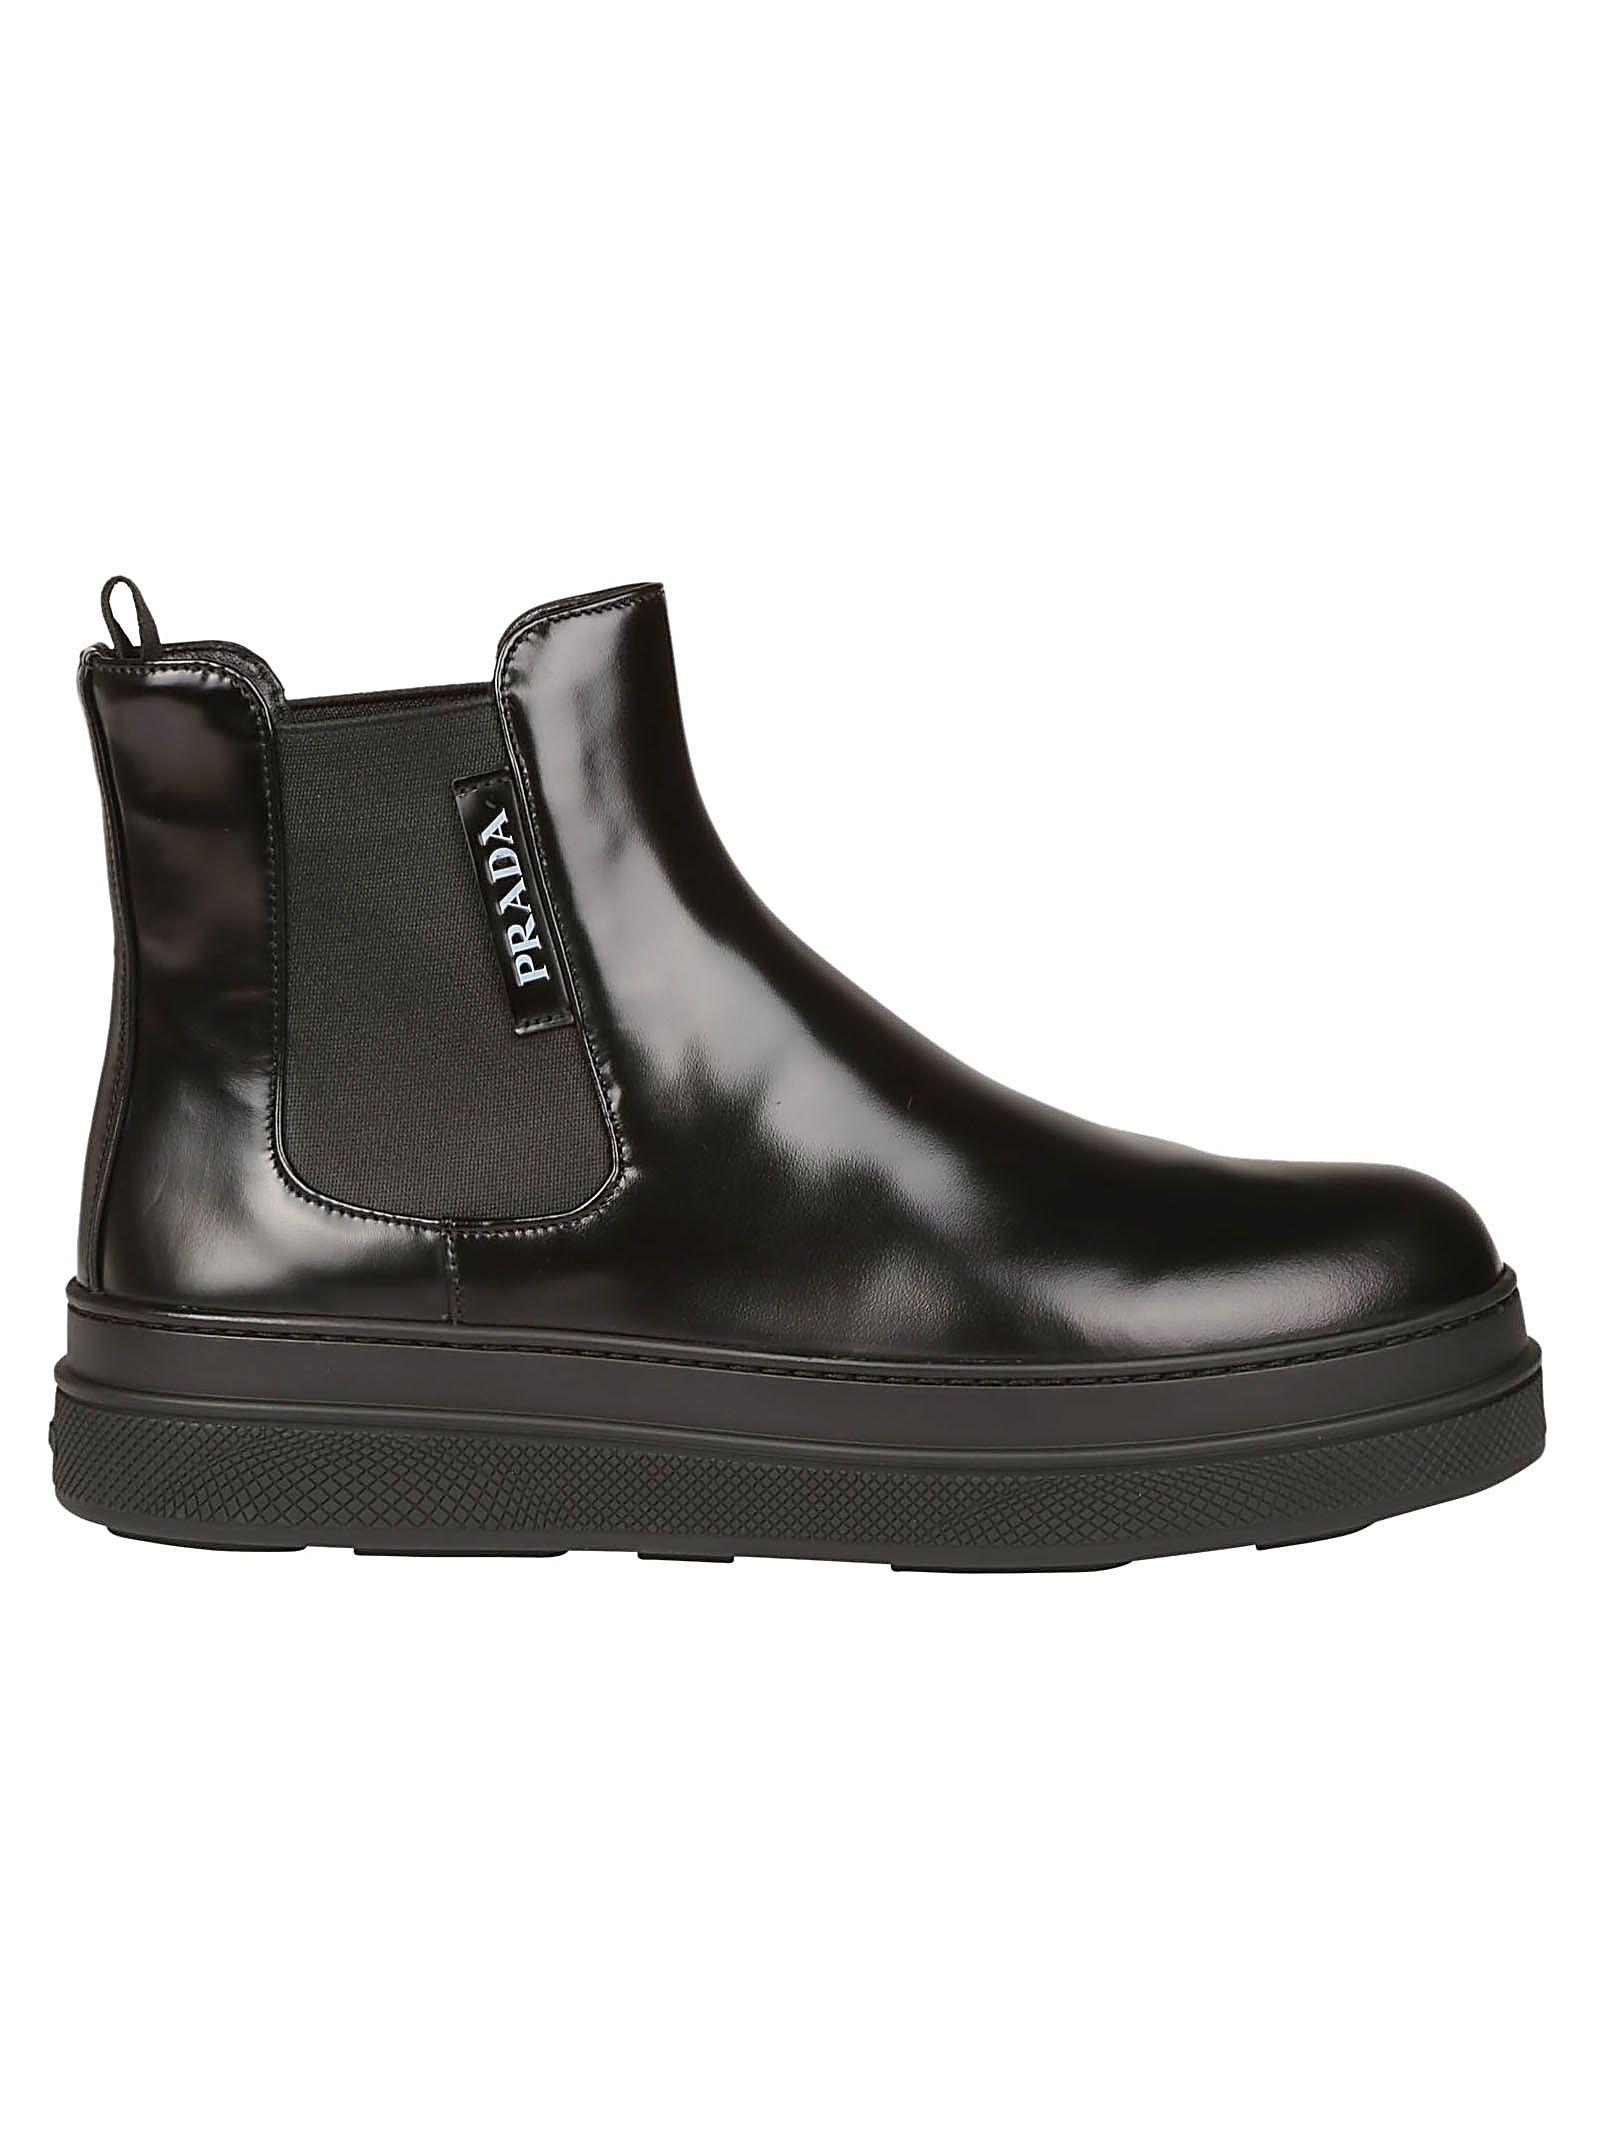 italist | Best price in the market for Prada Prada Boots - Nero - 10666947 | italist